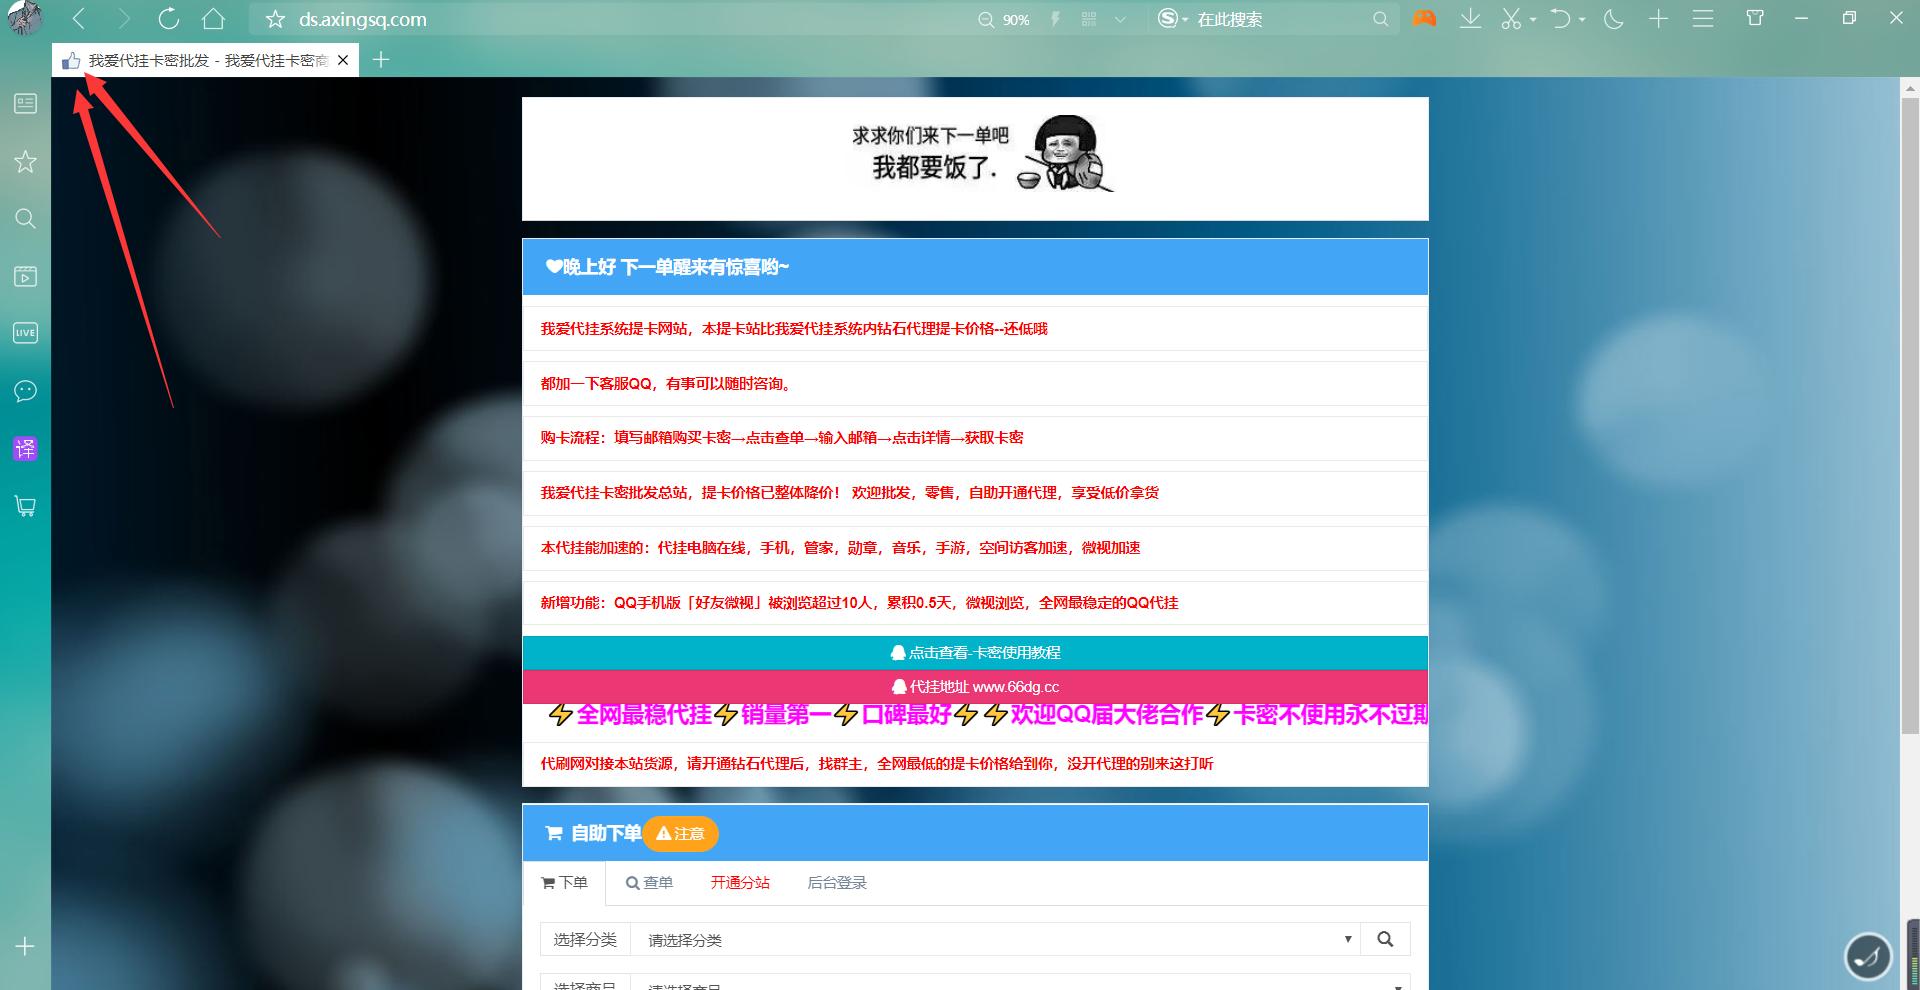 教大家怎么做网站标题前面的小图标,怎么给网站添加icon小图标。